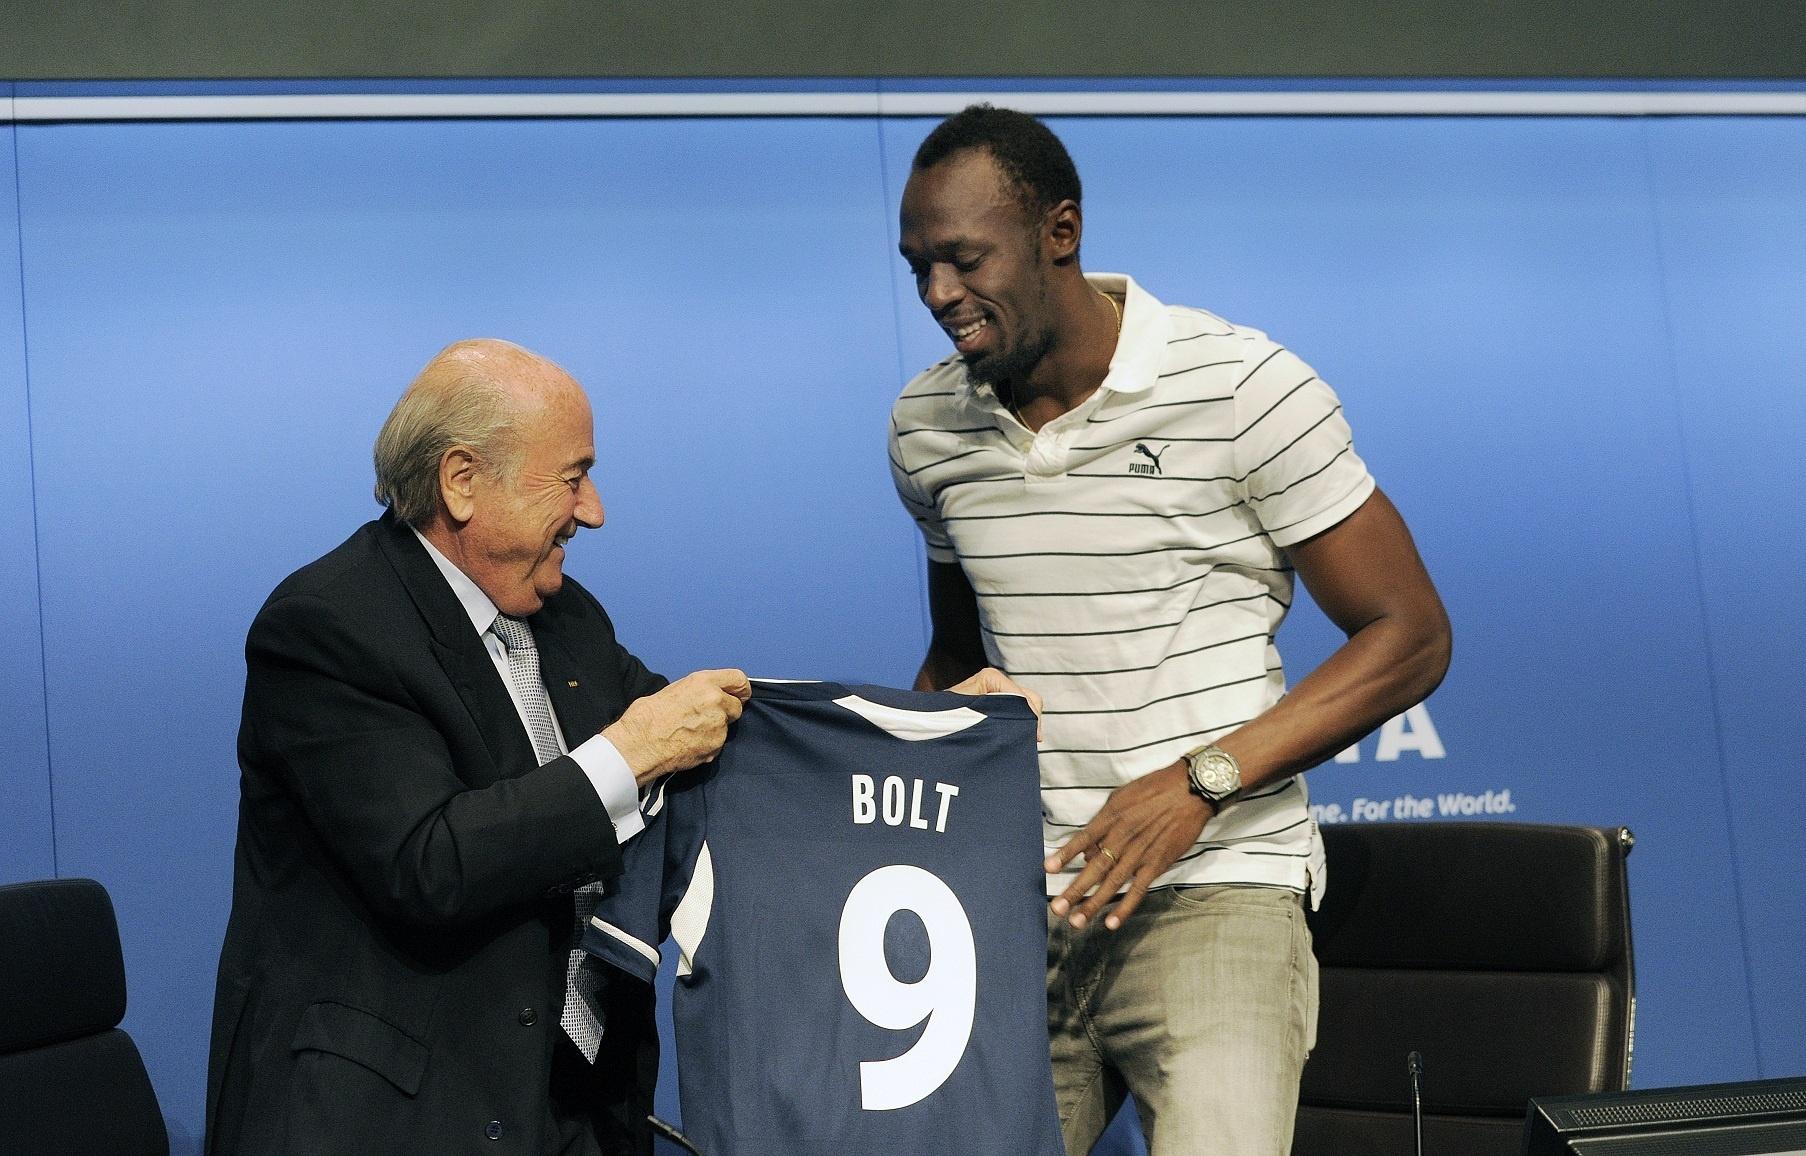 Bolt: «Me gustaría convertirme en un mito como Pelé, Maradona, Muhammad Ali o Michael Johnson»